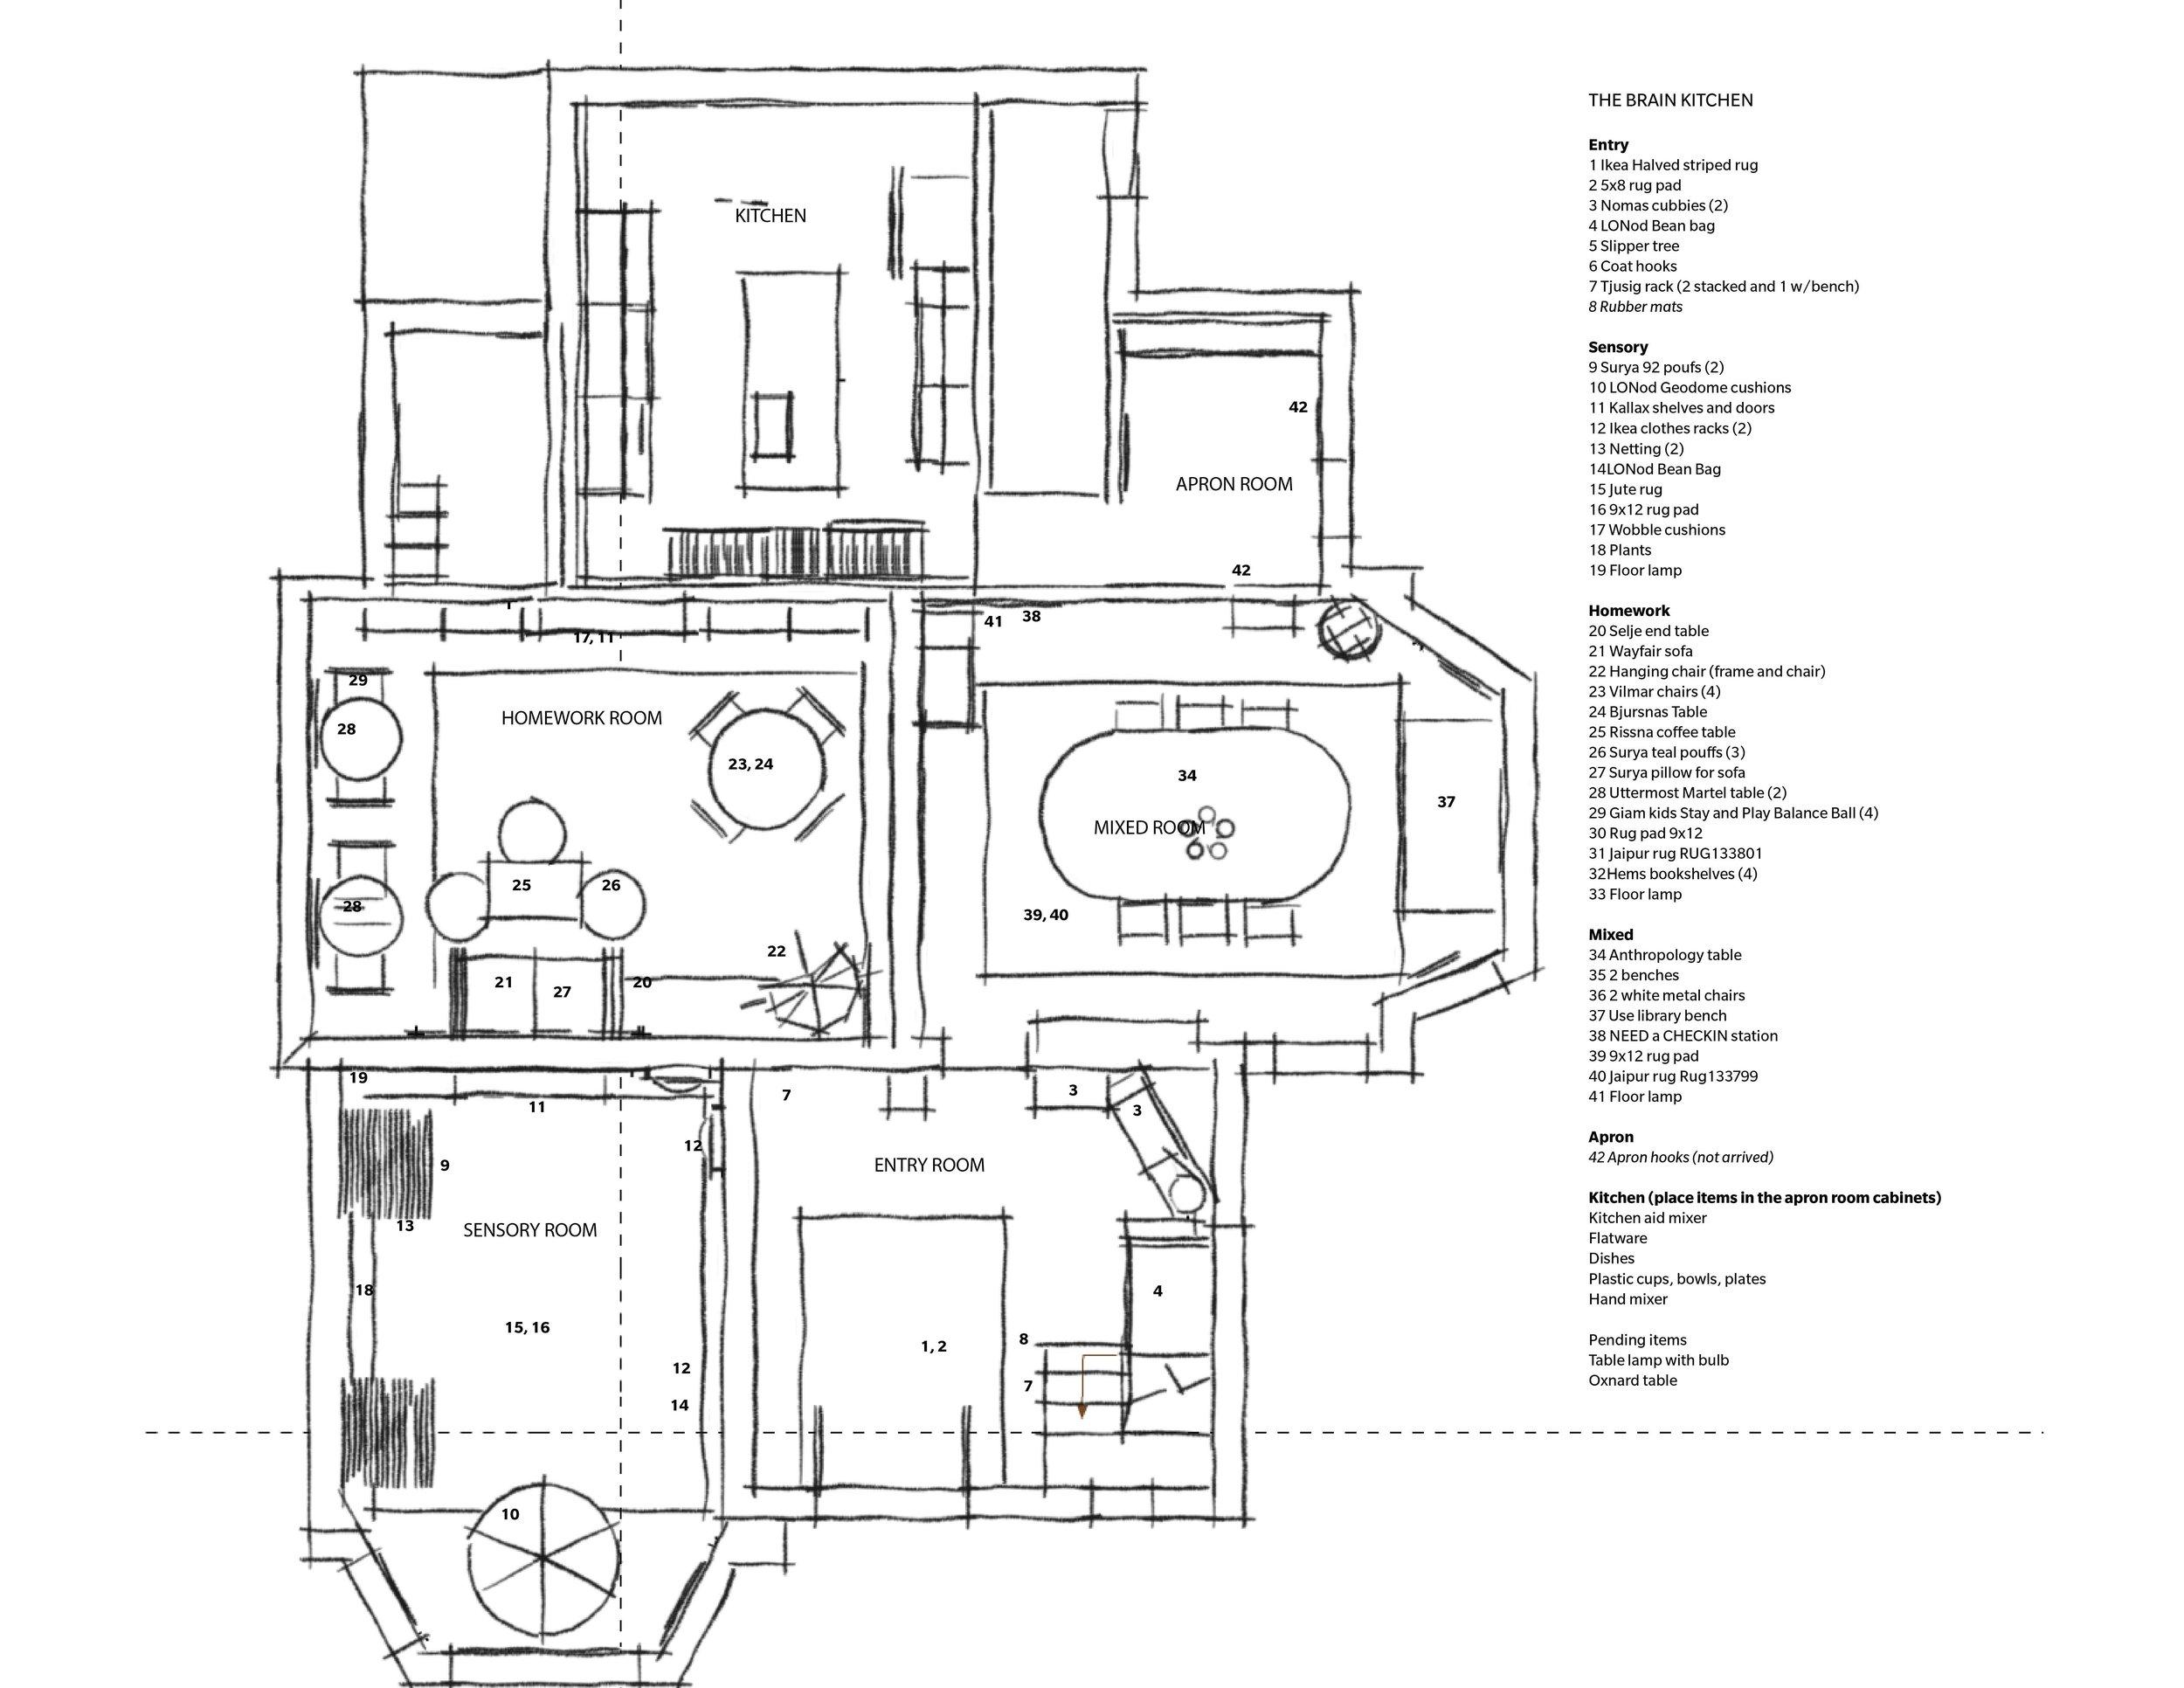 Brain Kitchen Sketch plan.jpg